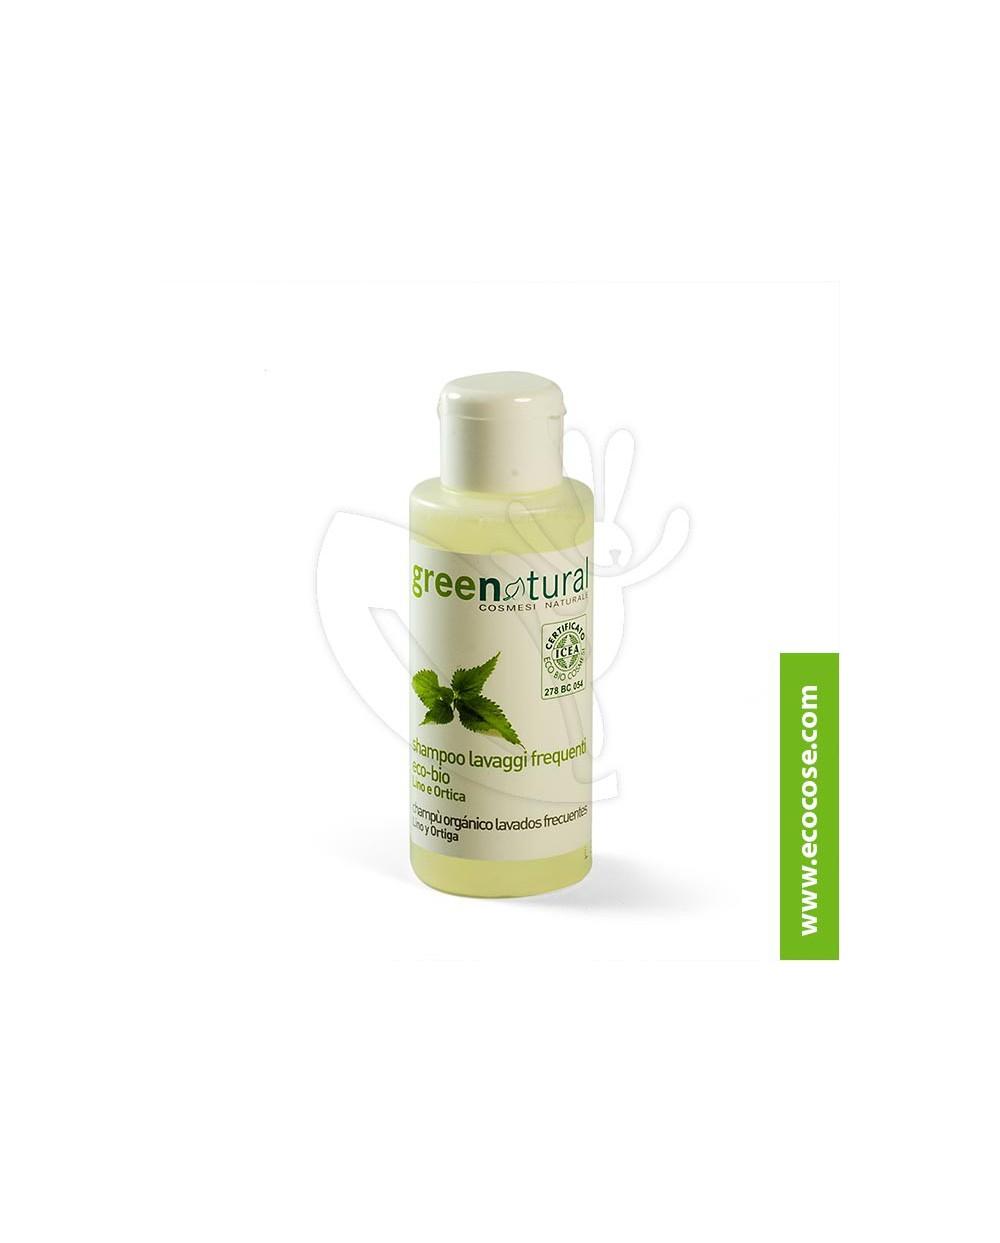 Greenatural - Shampoo lavaggi frequenti Lino e Ortica 100 ml